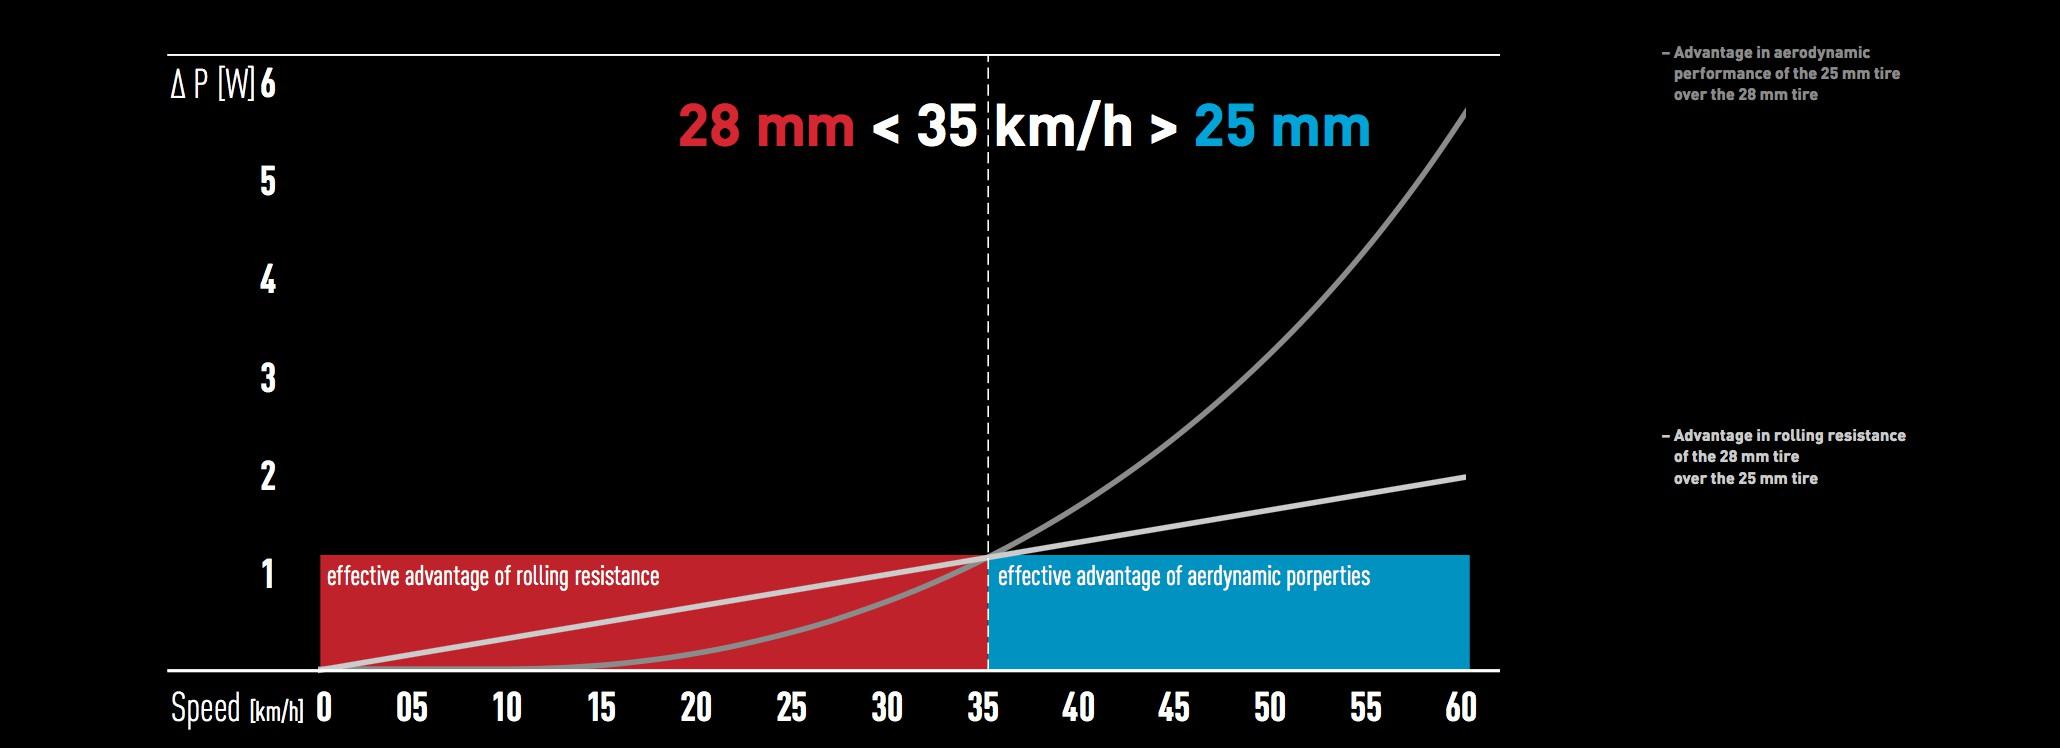 Rollwiderstand steht immer mit der aerodynamischen Performance in Verbindung. Bis zu einer gewissen Geschwindigkeit bringt der niedrigere Rollwiderstand aufgrund eines breiteren Reifens mehr Vorteile als die bessere Aerodynamik eines schmäleren. Im Falle der DT Swiss Laufräder liegt diese Grenze (Break Even Point) bei einer Durchschnittsgeschwindigkeit von etwa 35 km/h. Darunter bringt der 28 mm breite Reifen eine bessere Gesamtperformance, darüber ist der 25 mm breite Reifen schneller.